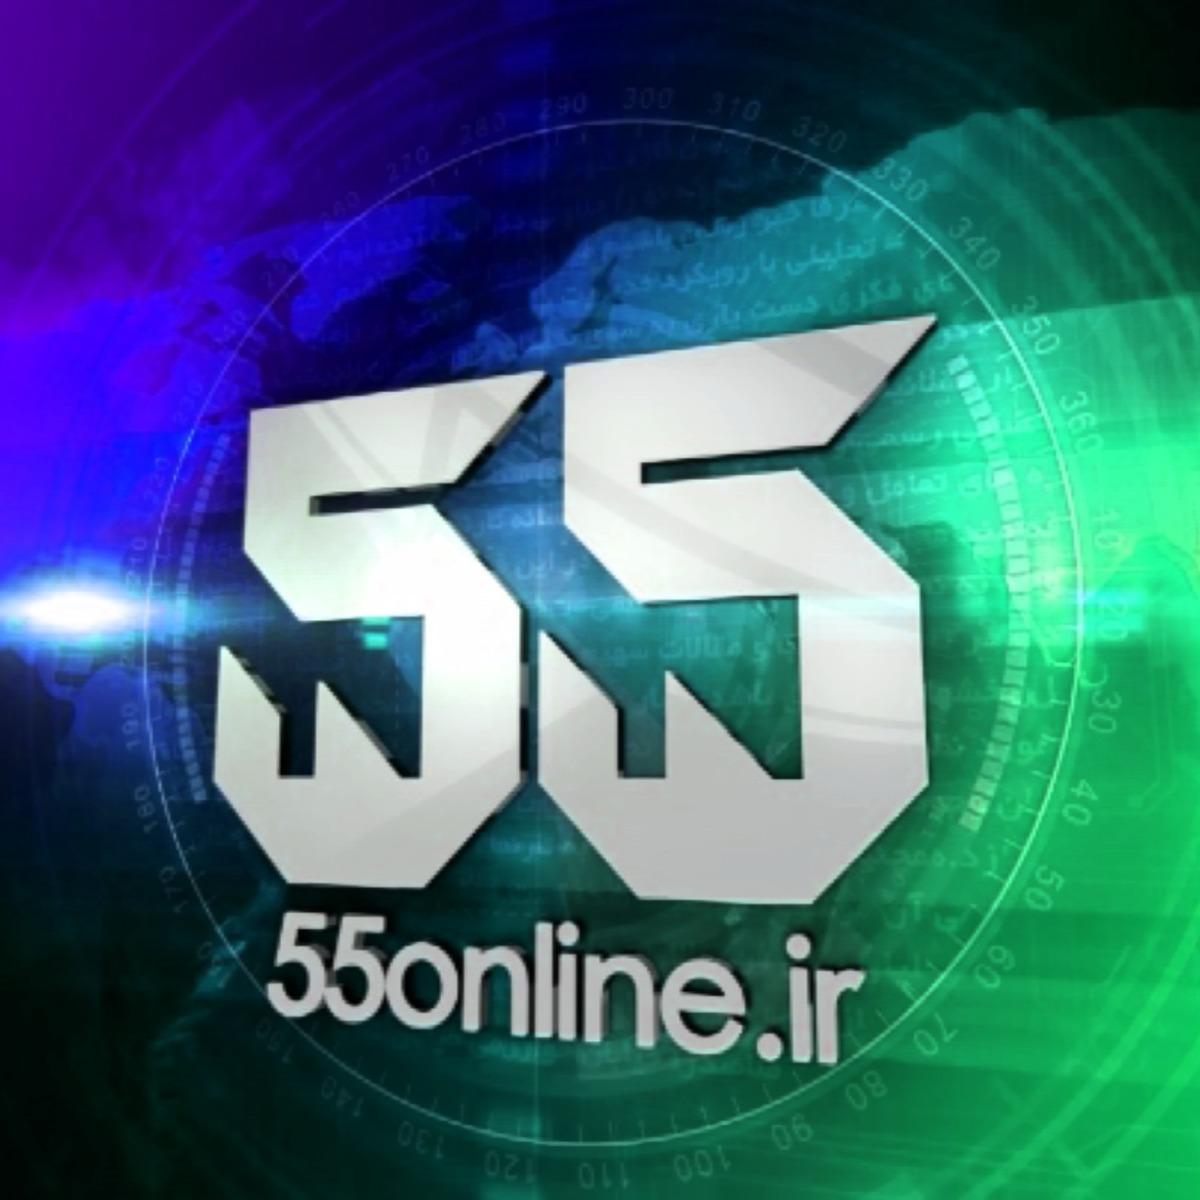 55 آنلاین در اینستاگرام ادامه خواهد داد